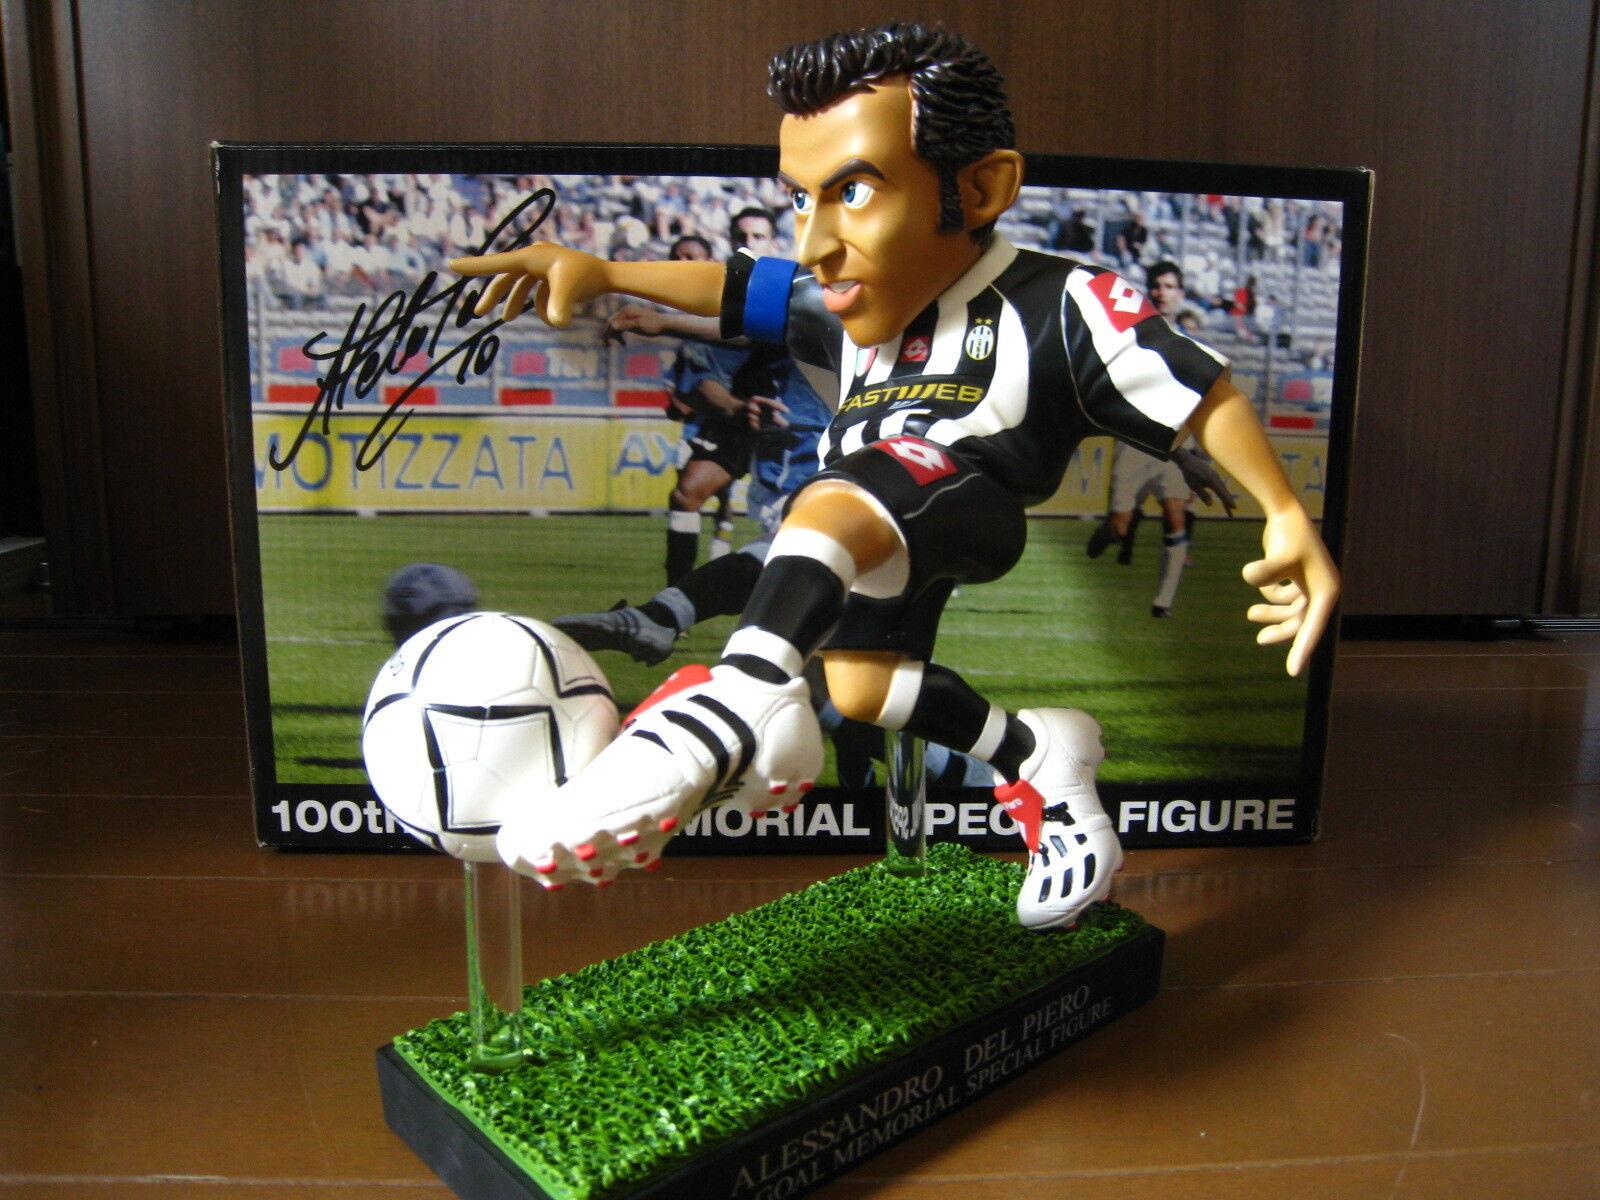 Alessandro Del Piero 100TH objectif Memorial Figure delpiero non CORINTHAN Baggio XL